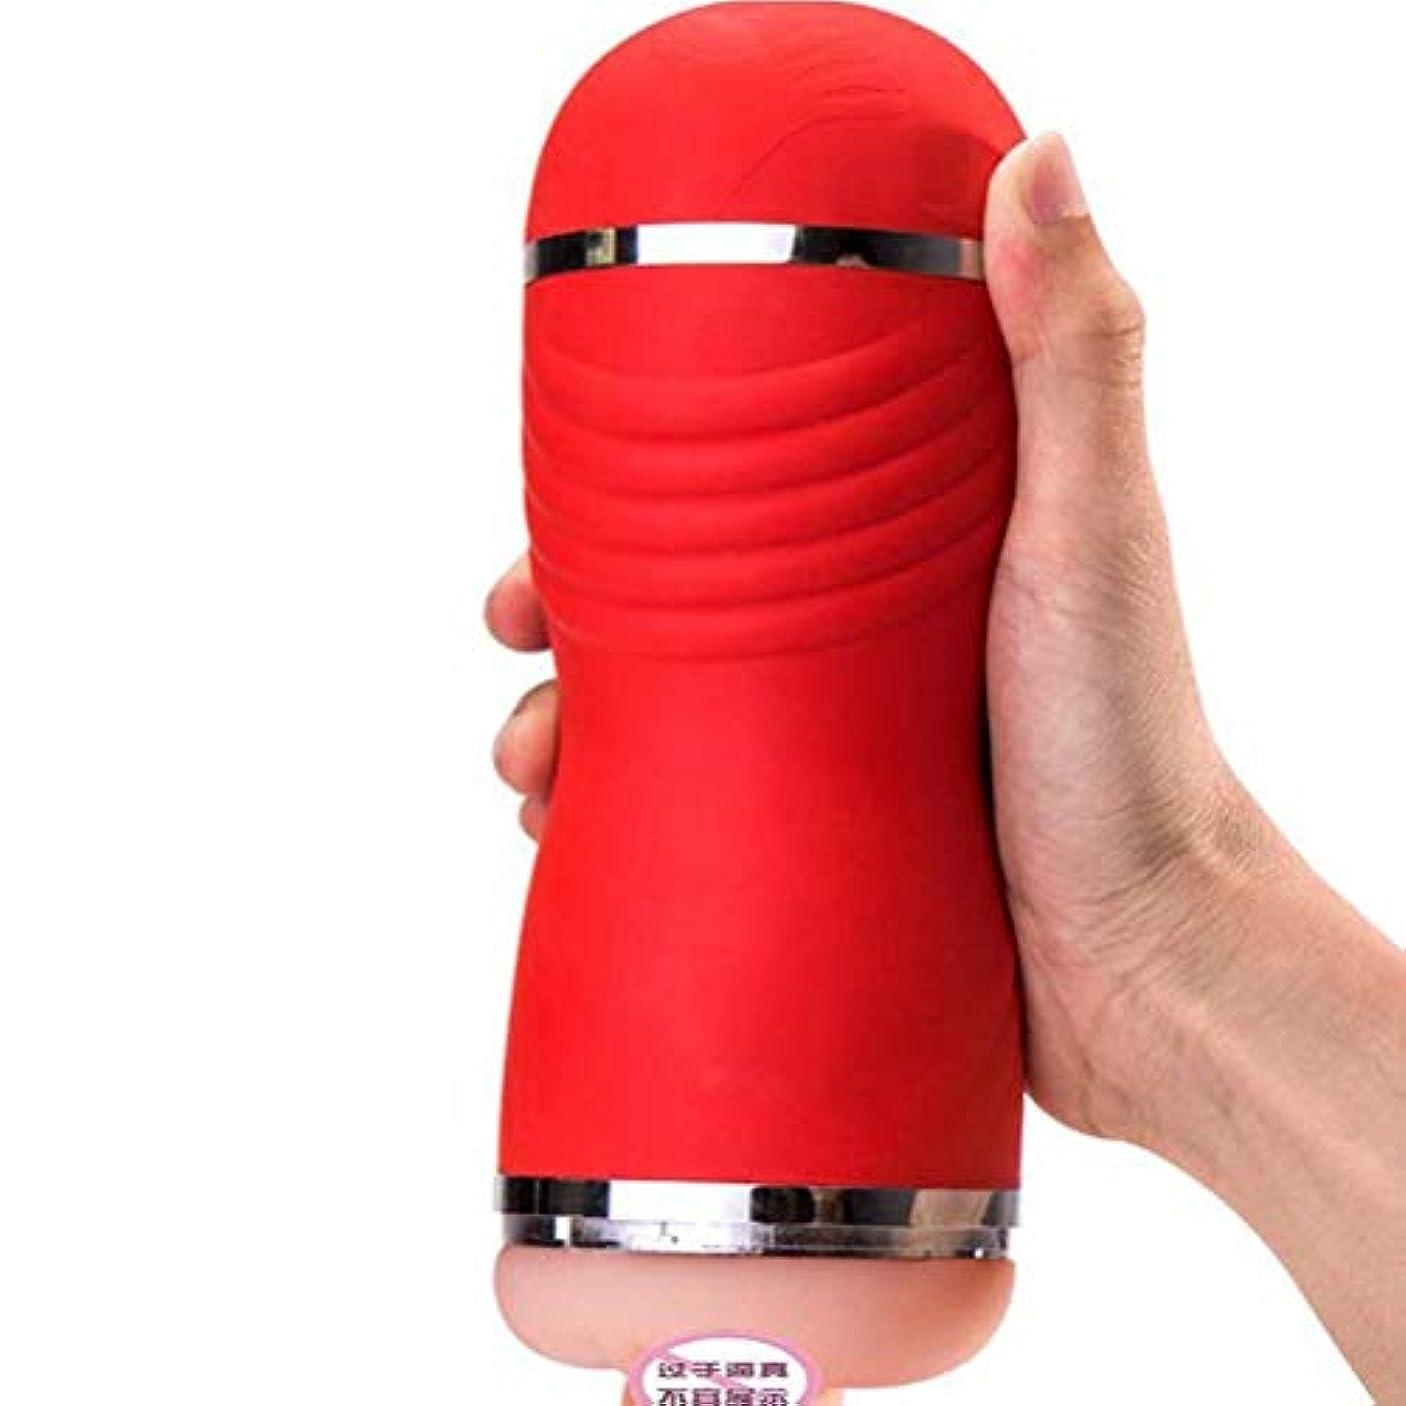 キルト呼び起こすびっくりする男性のマスターベーションのコップ、柔らかいケイ素の喉の吸盤装置は大人のための現実的な3d オーラルセックスのおもちゃ、防水、赤